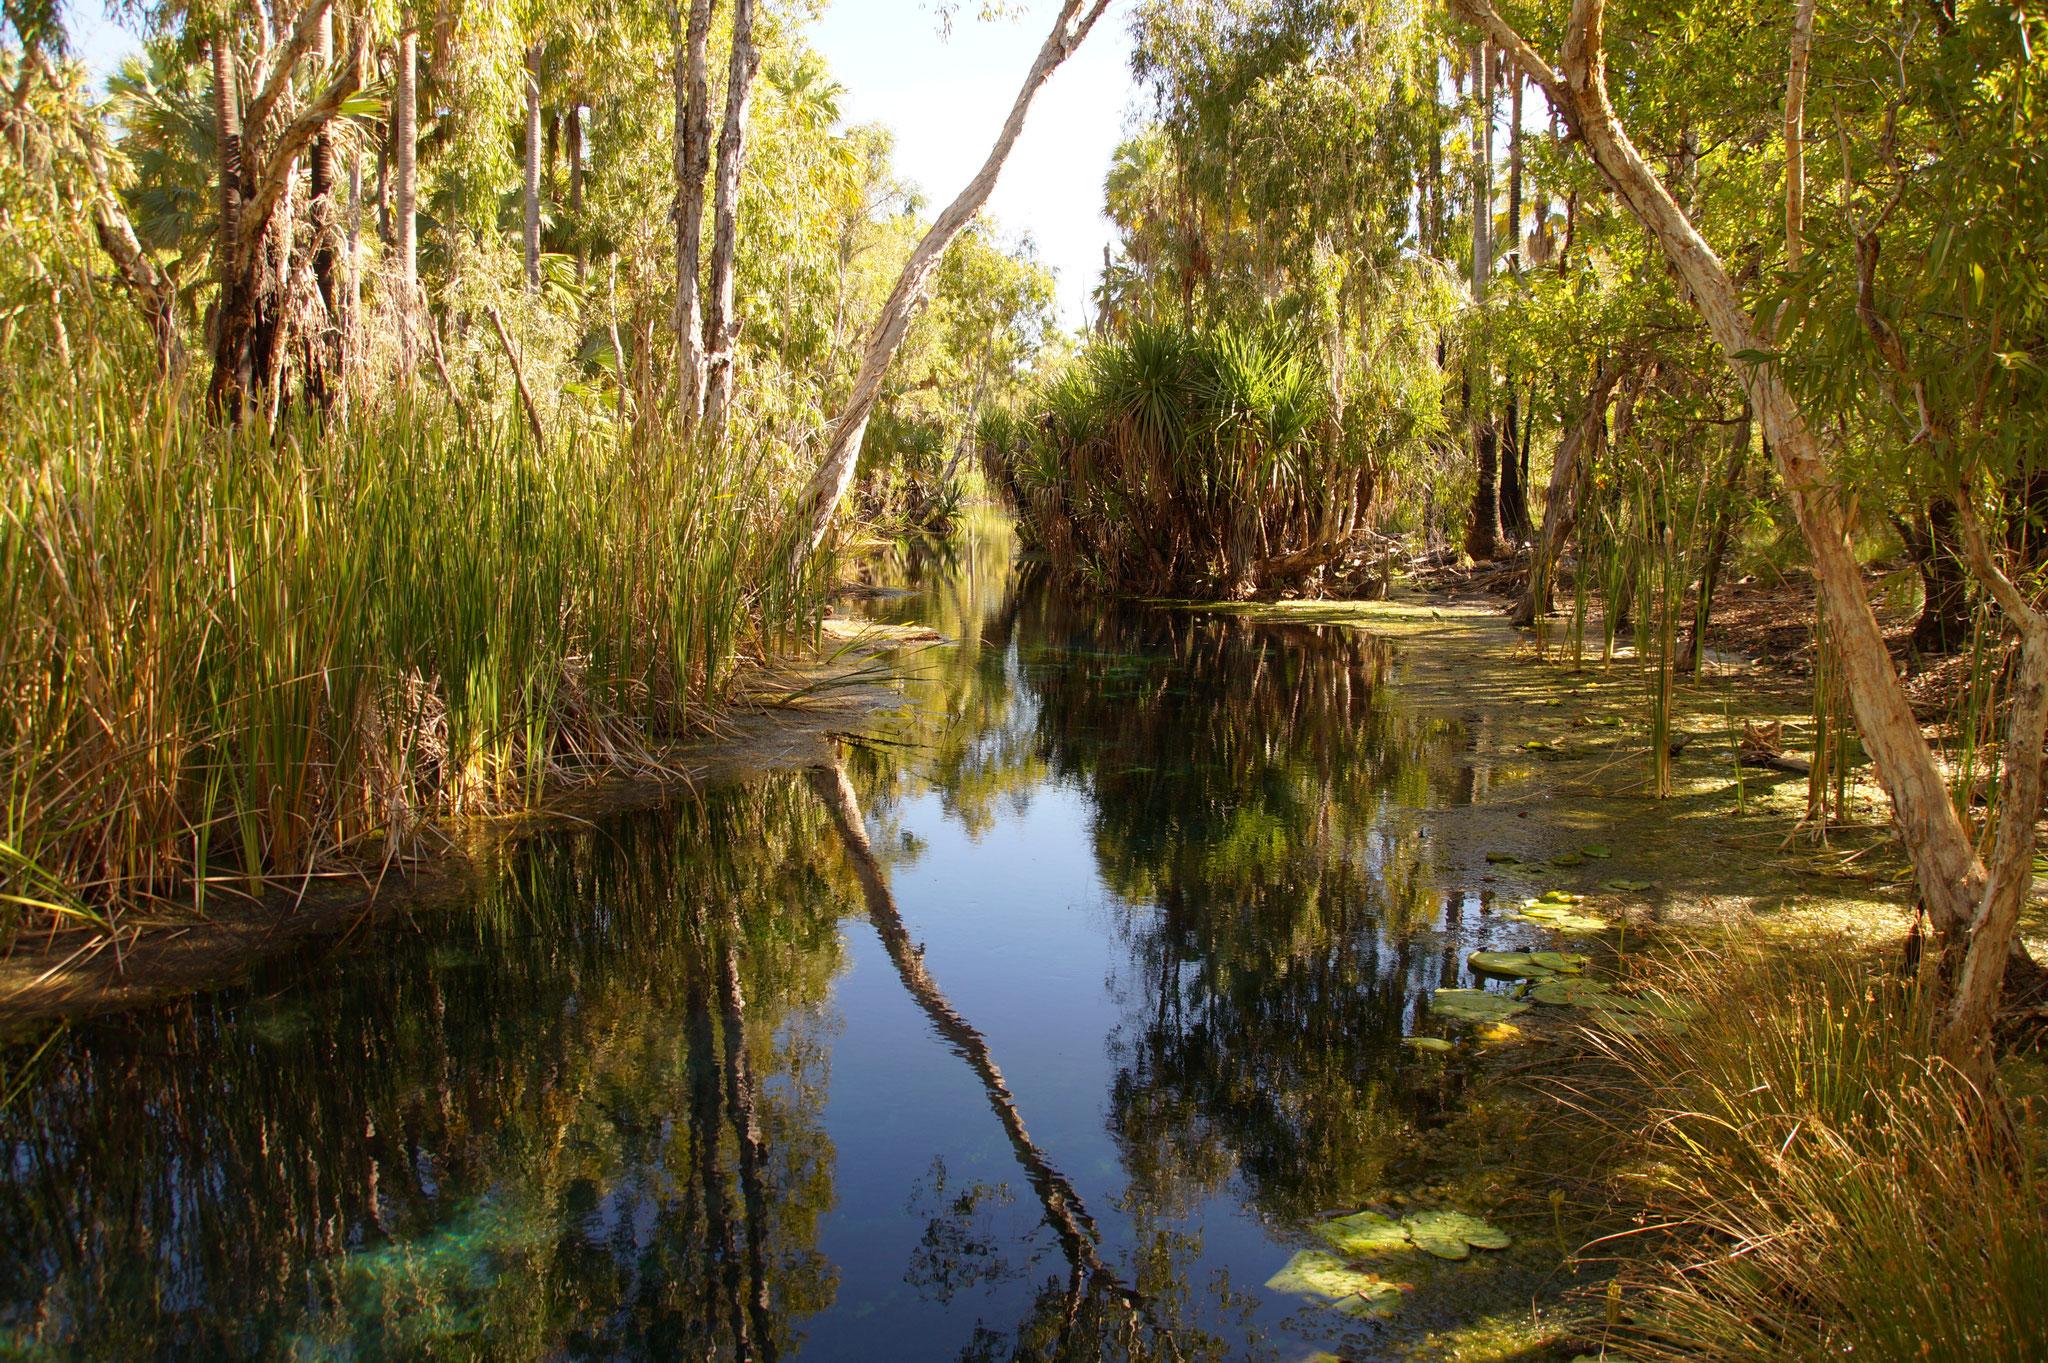 Am Roper River grünt es dort üppig.